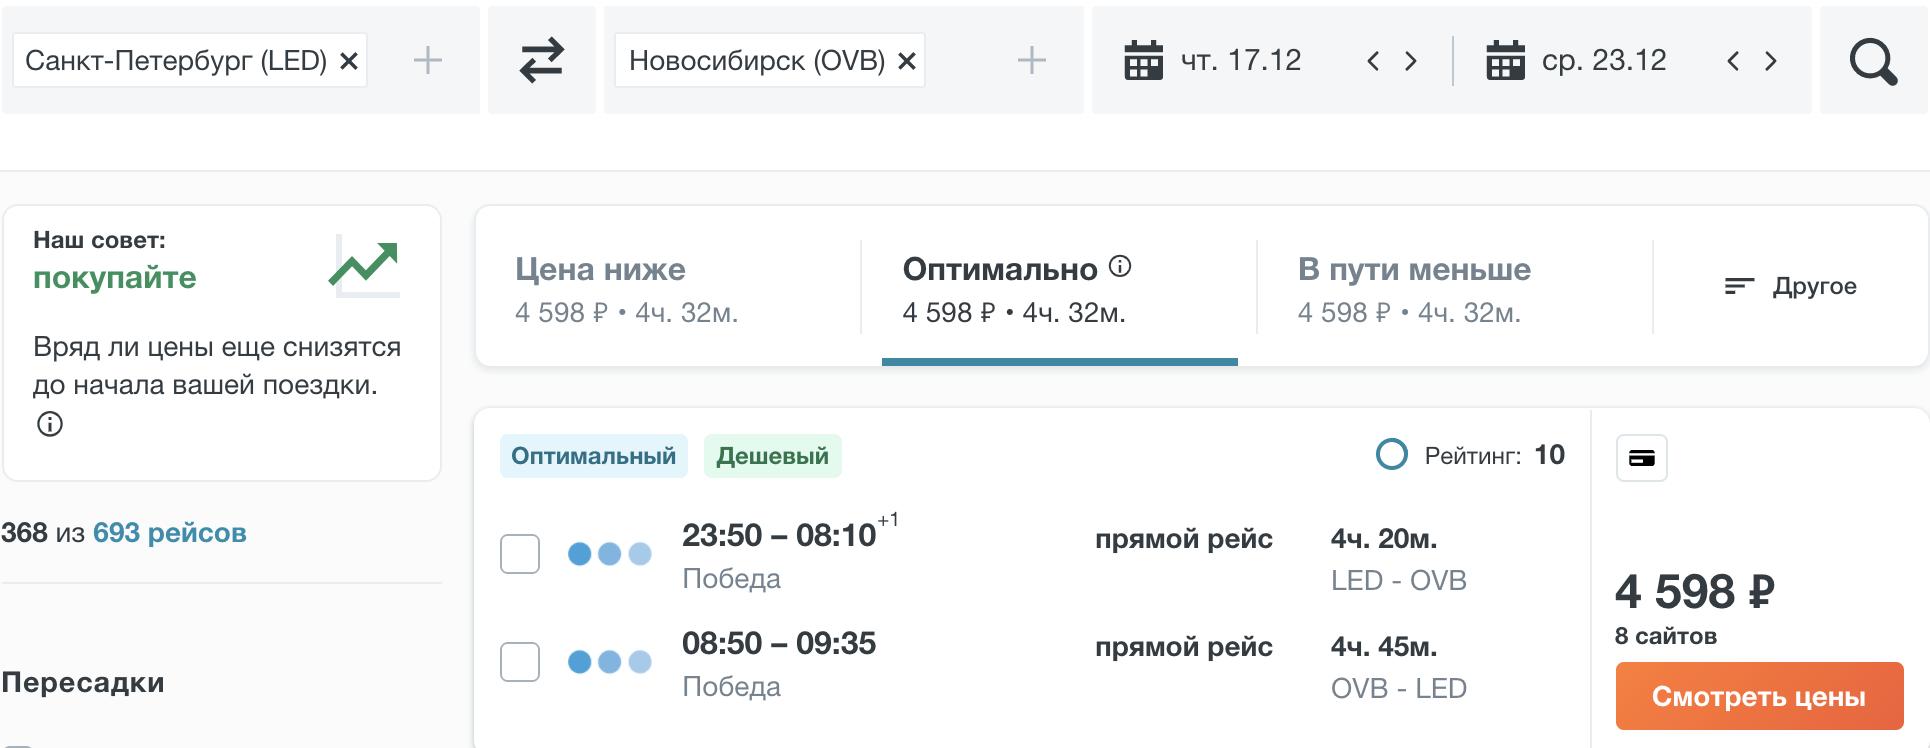 Победа продолжает снижать цены! Из СПб в Новосибирск за 4600₽ туда-обратно в декабре